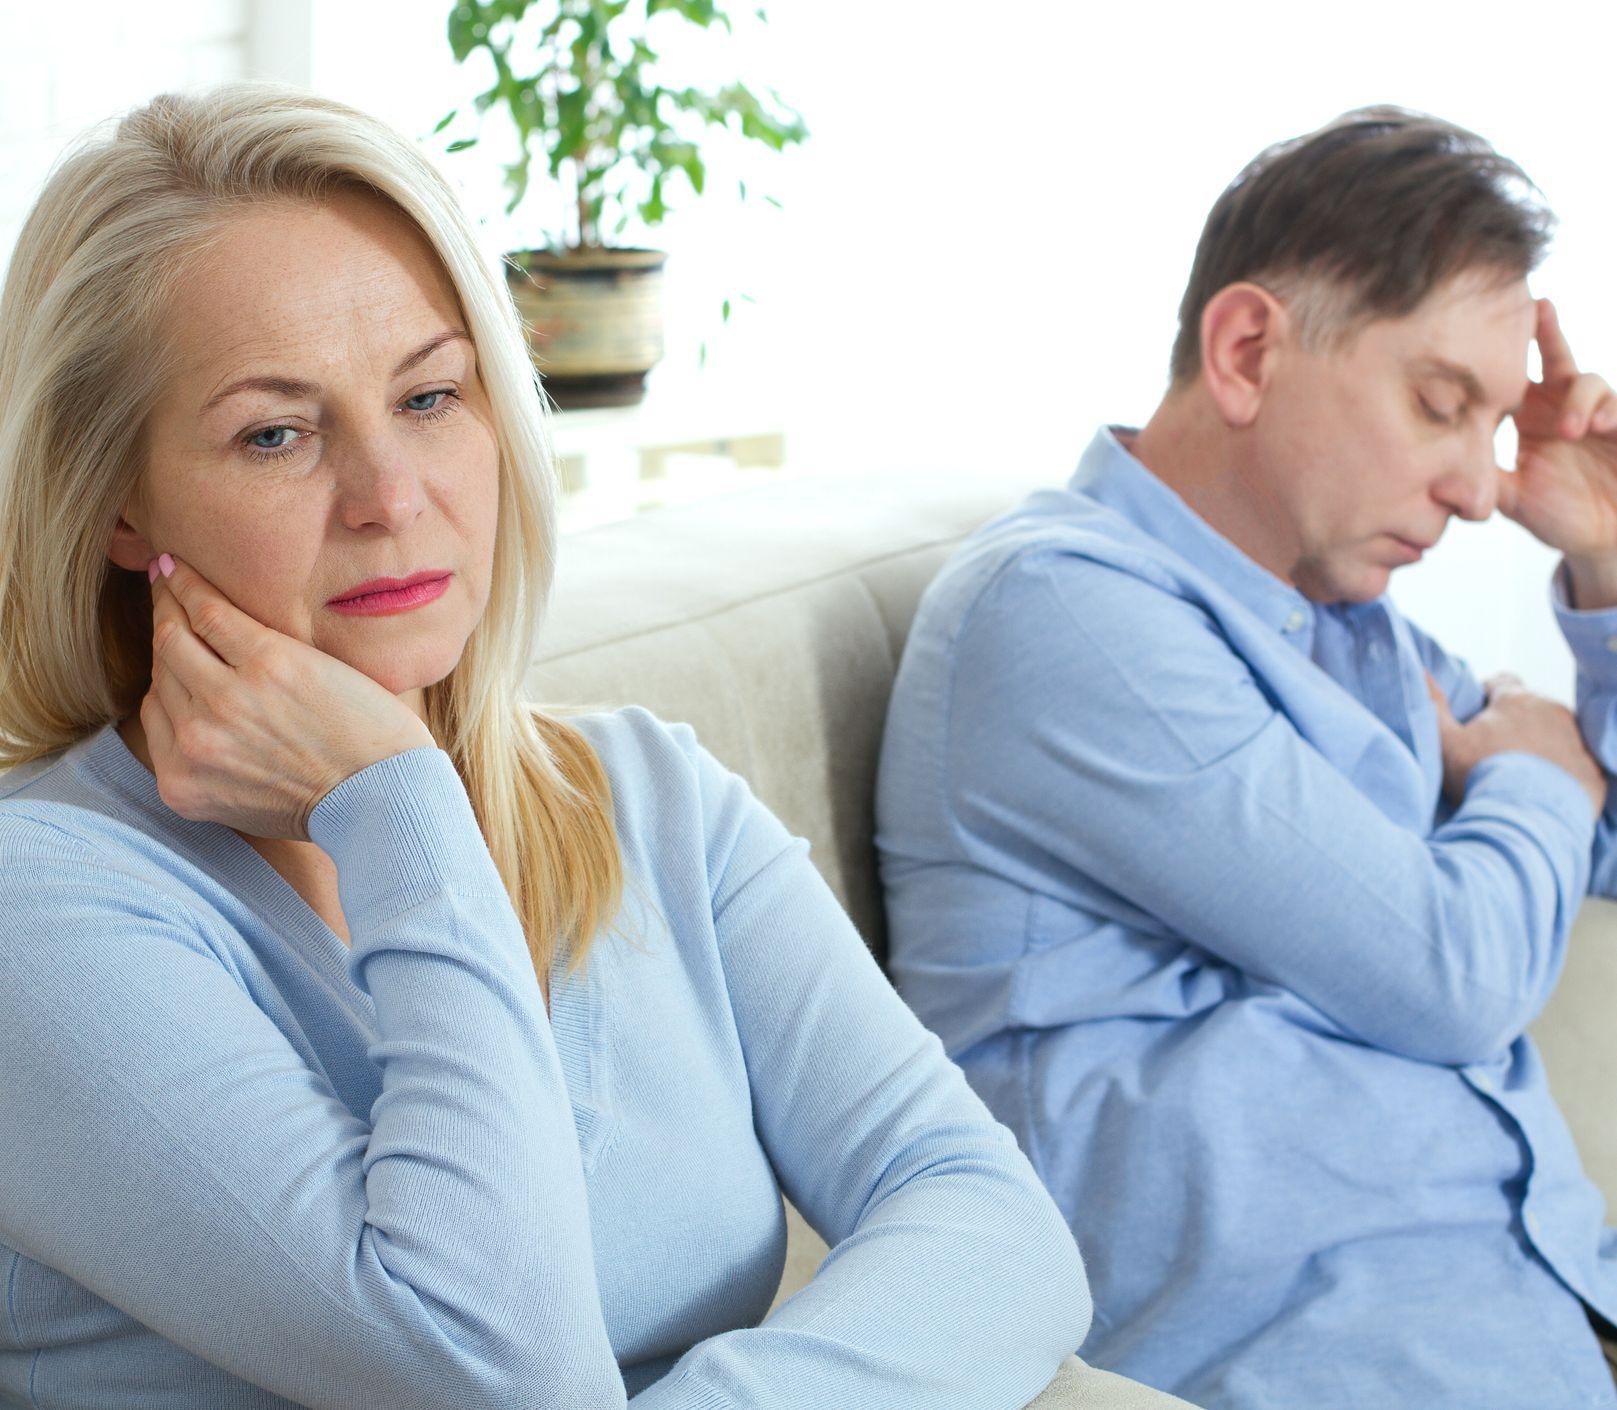 Mrzutý sused, klebetná kolegyňa: Ako zvládať ťažké povahy a nezblázniť sa?